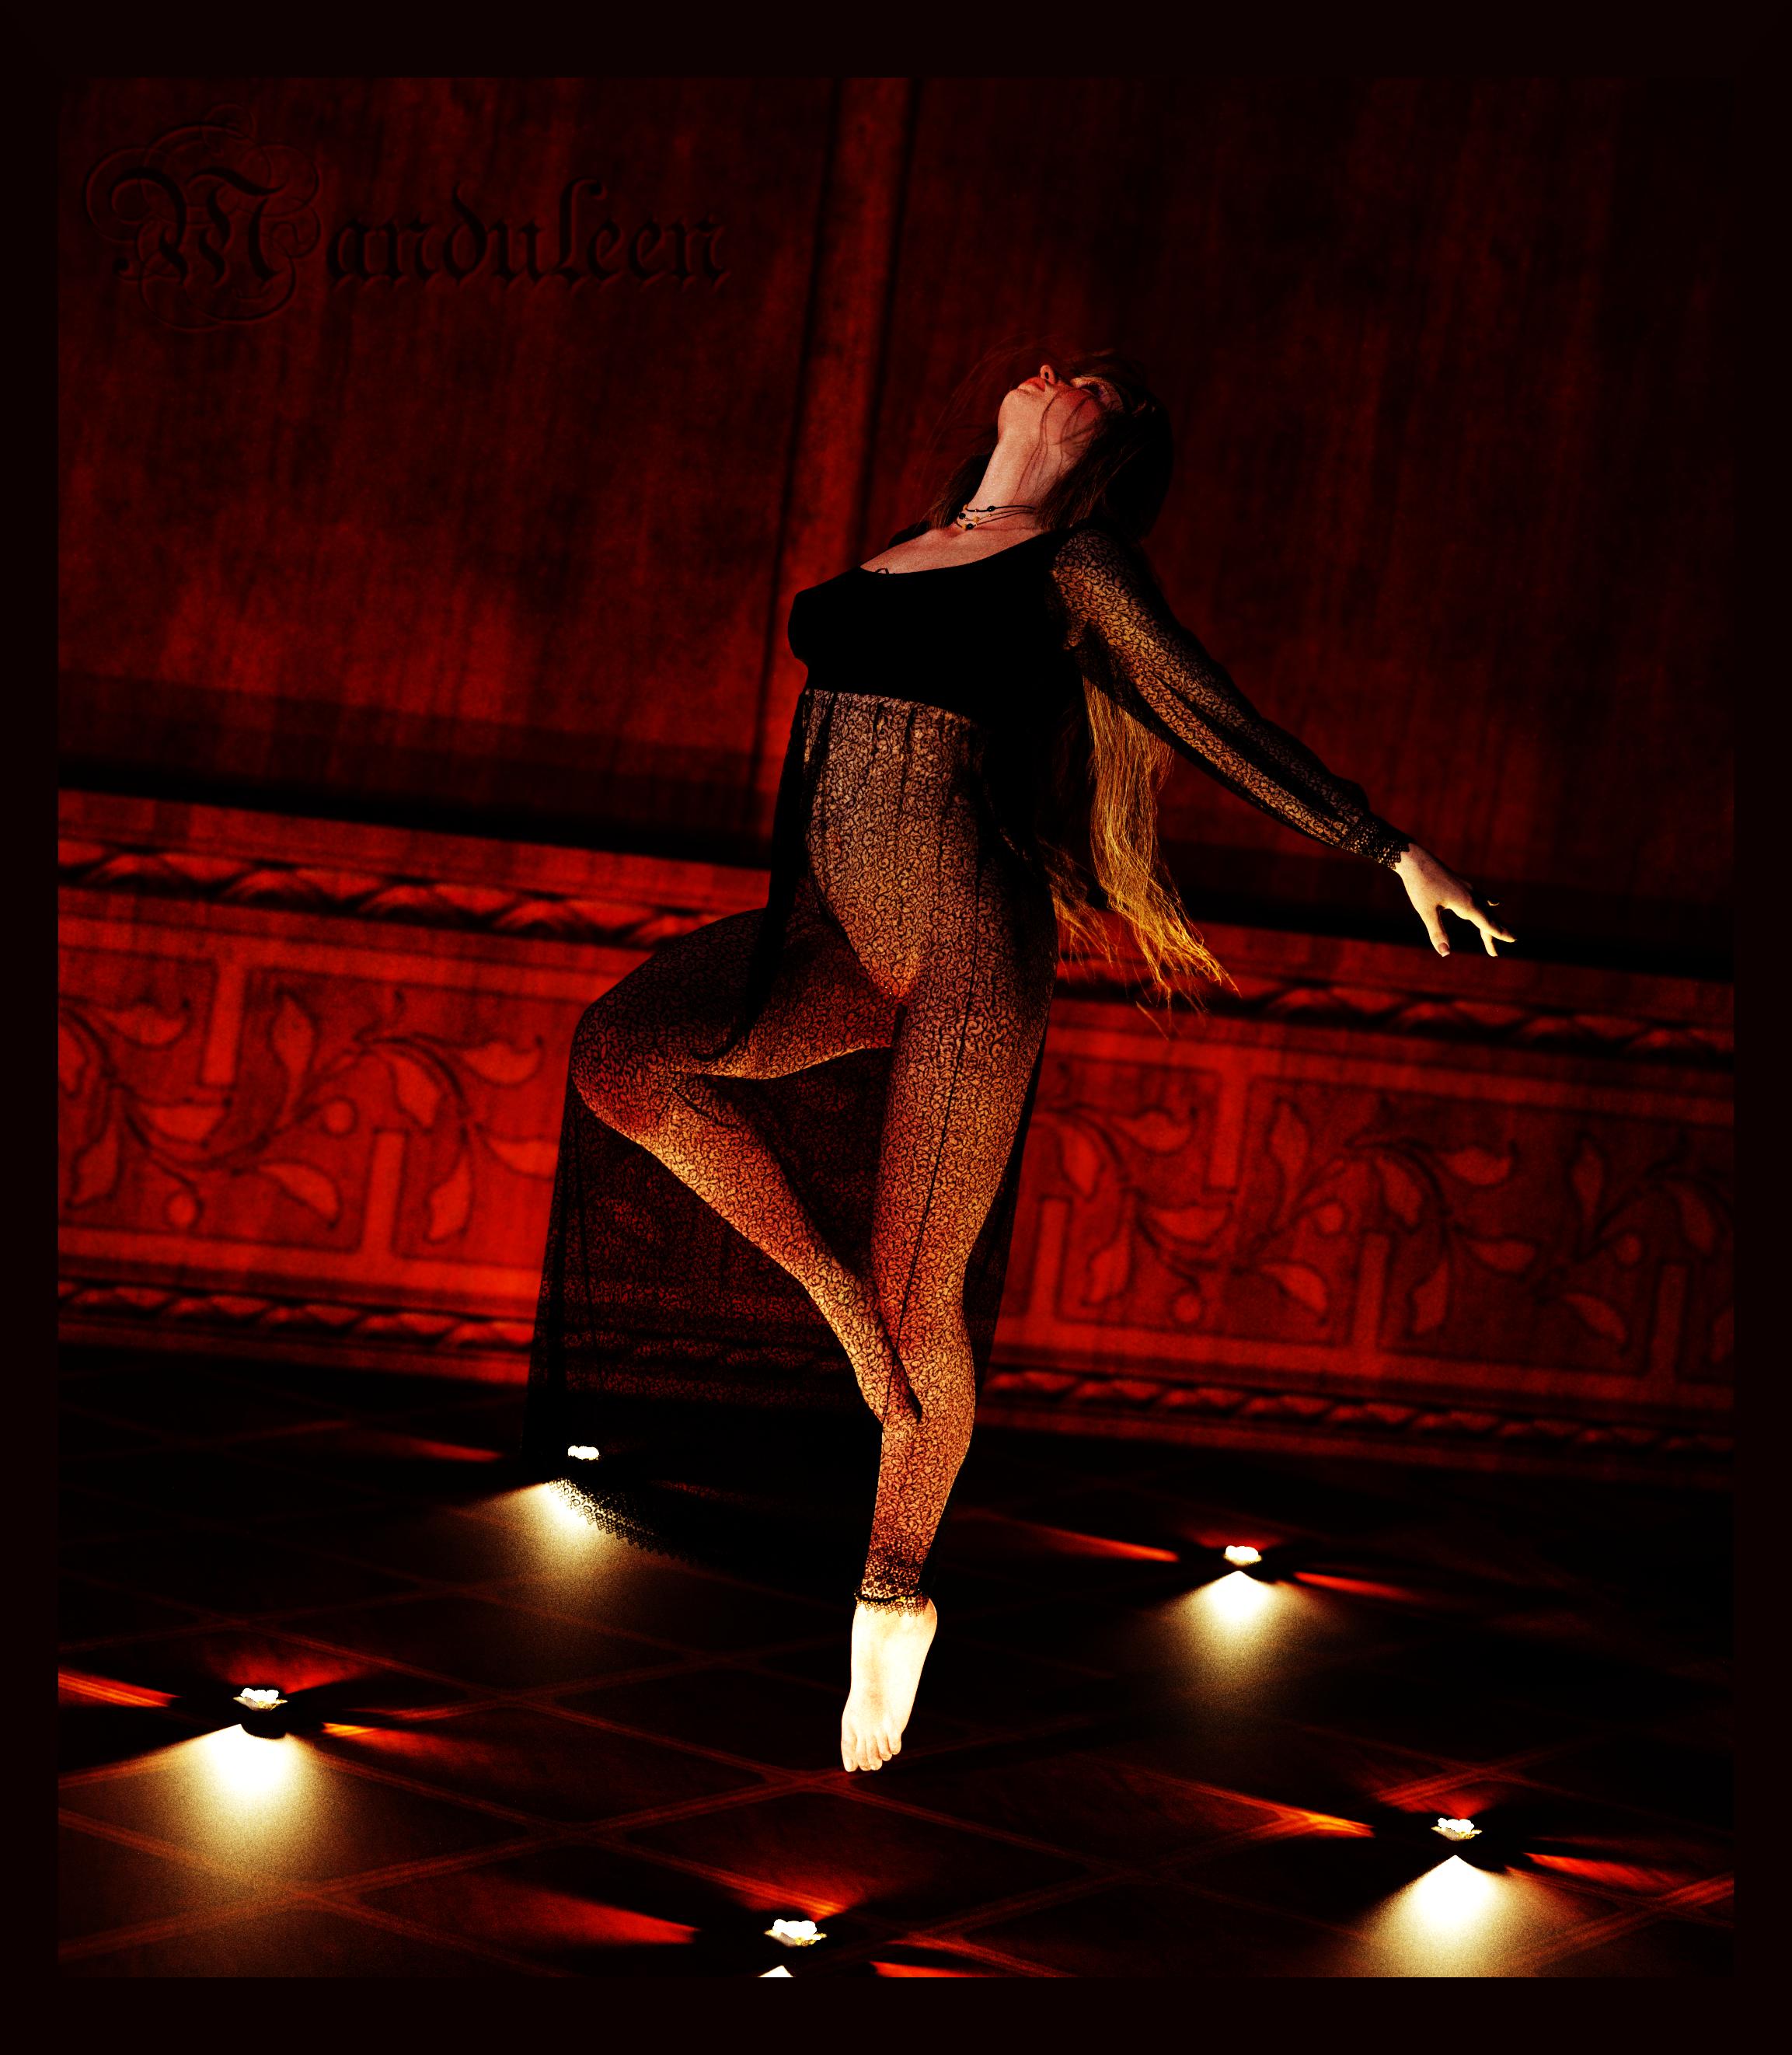 http://fc08.deviantart.net/fs70/f/2013/131/4/b/danse_final_by_manduleen-d64xdhb.png